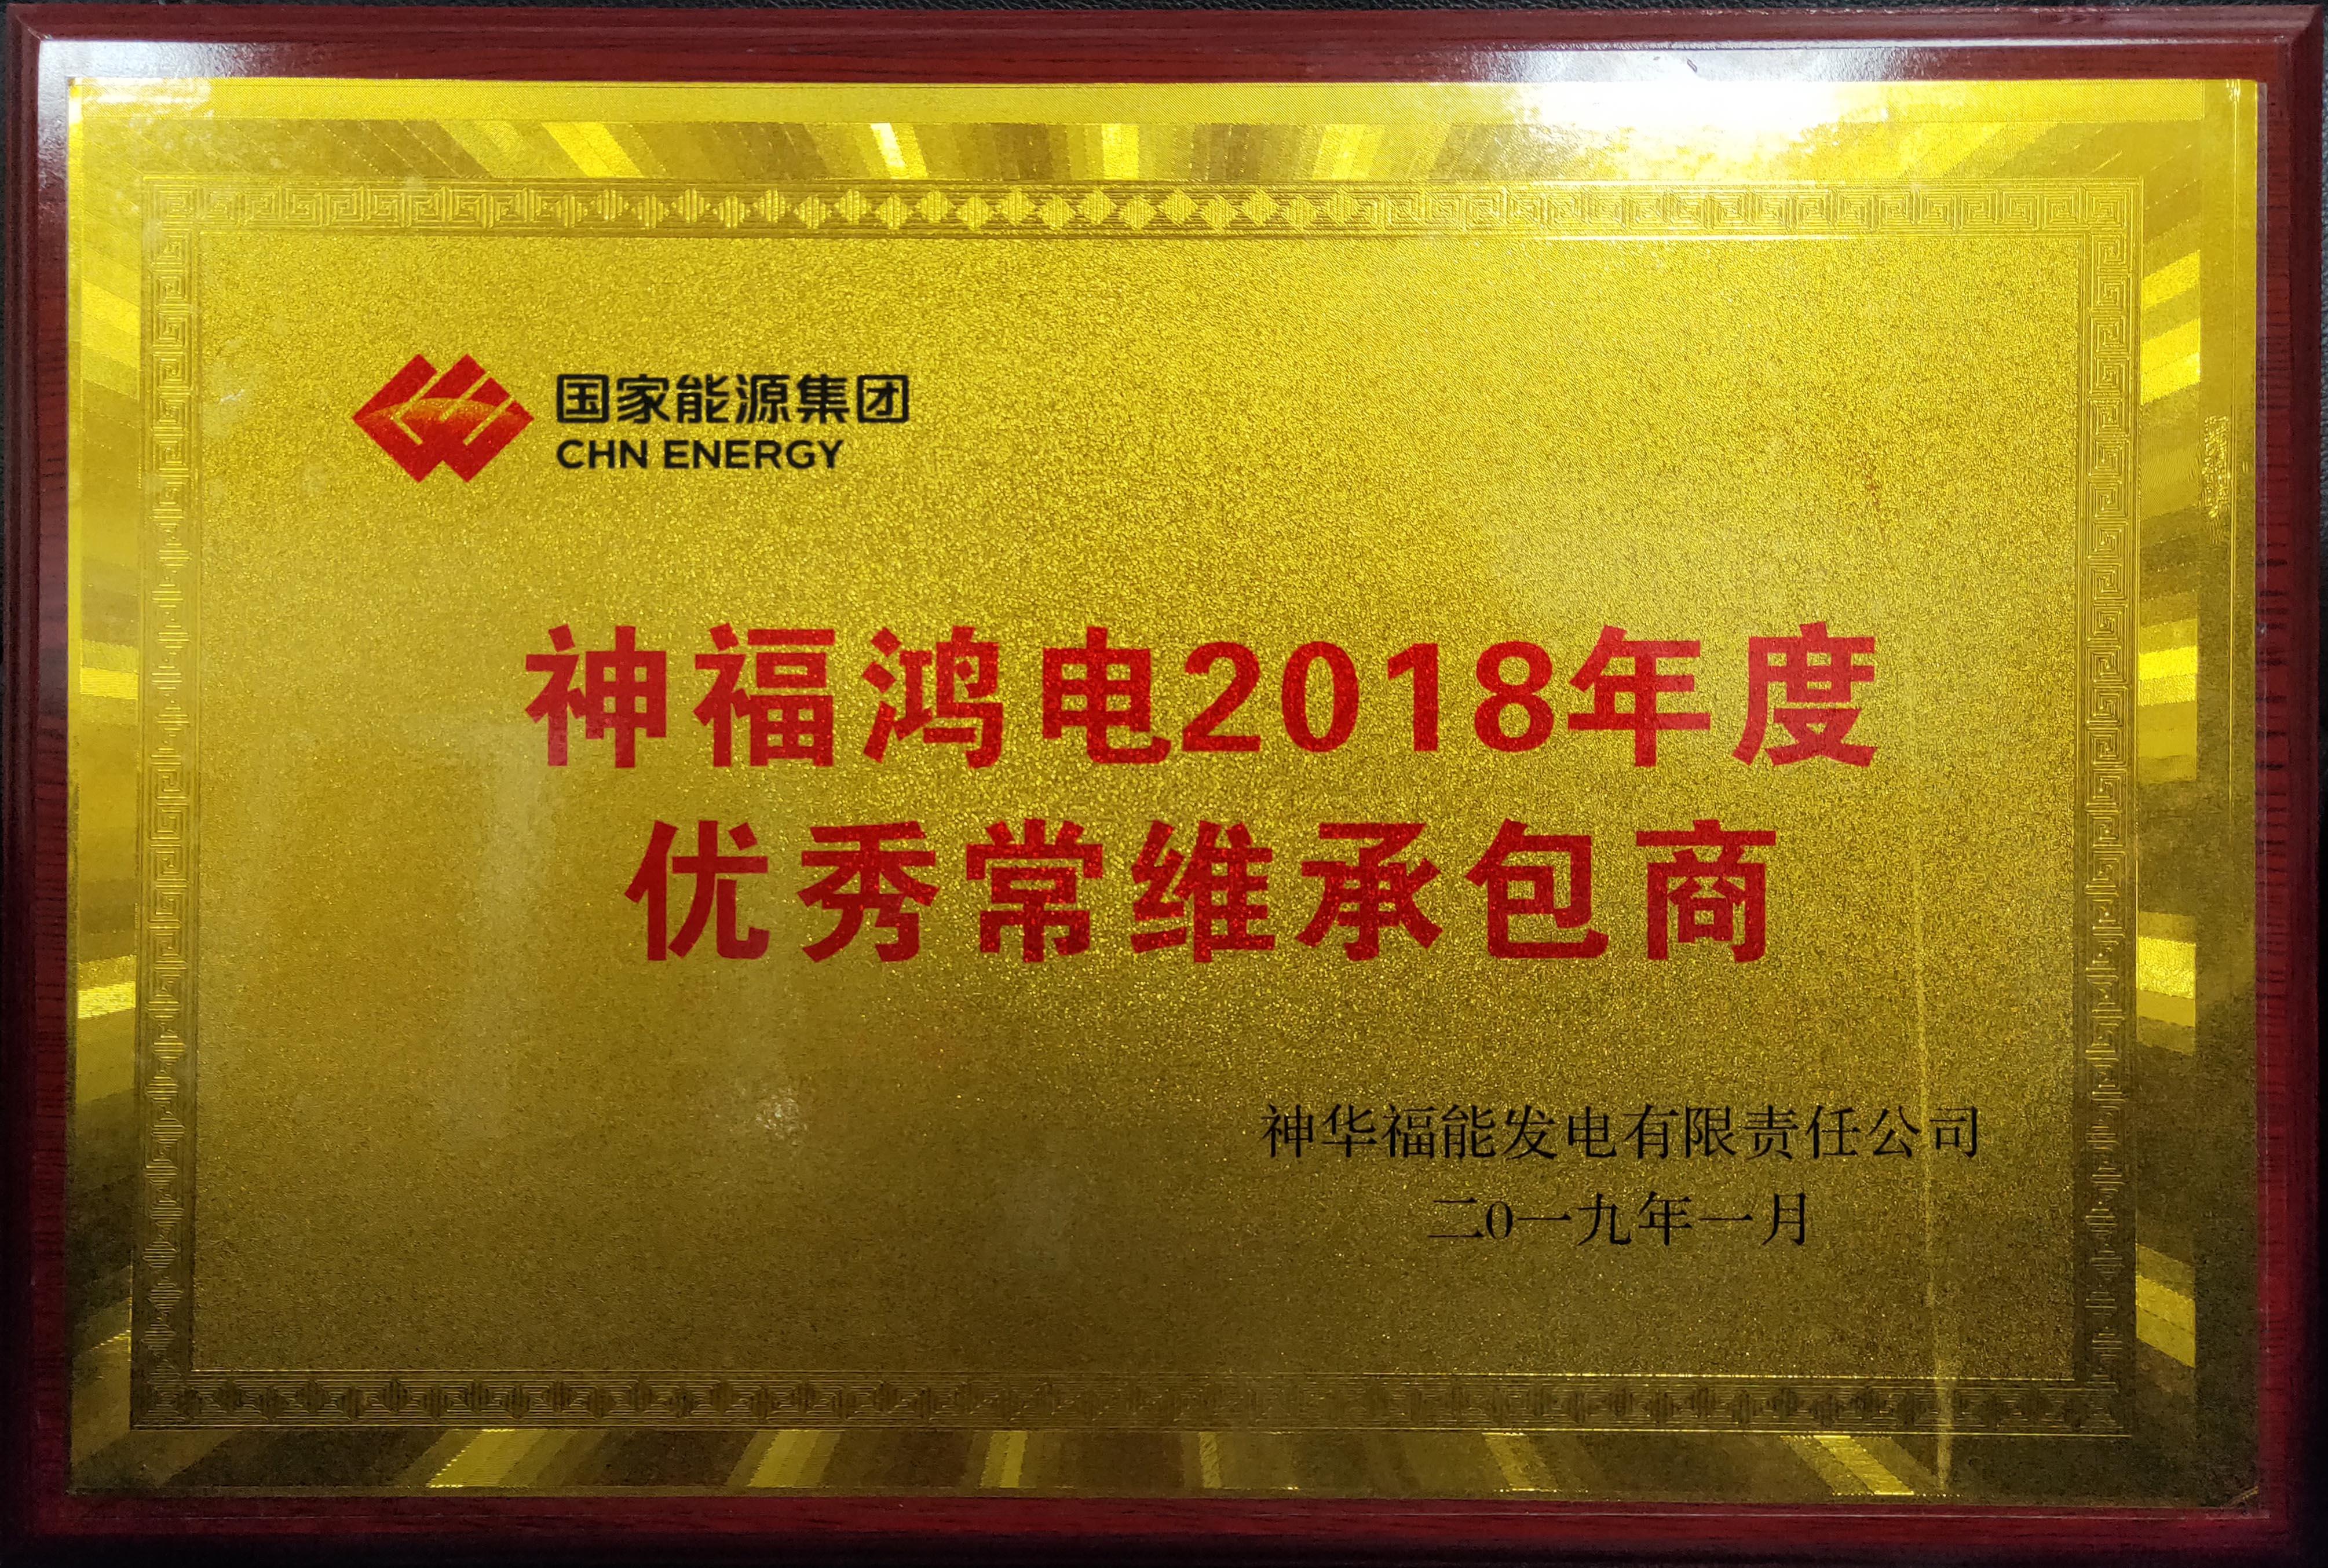 2018年度優秀常維承包商-神華福能發電有限責任公司